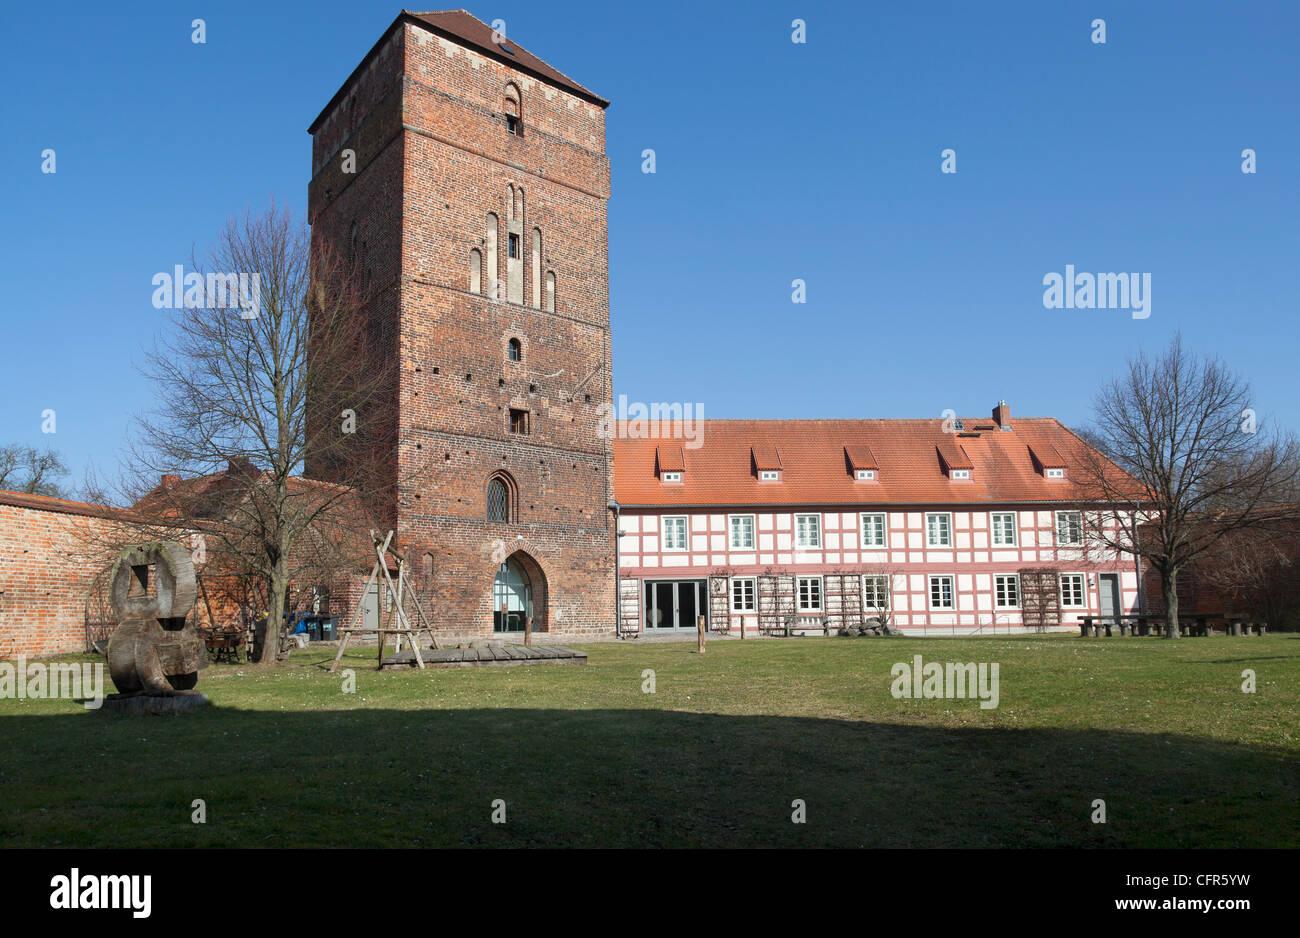 Kreismuseen Alte Bischofsburgwith Museum Dreißigjähriger Krieg, Wittstock, Brandenburg, Germany - Stock Image